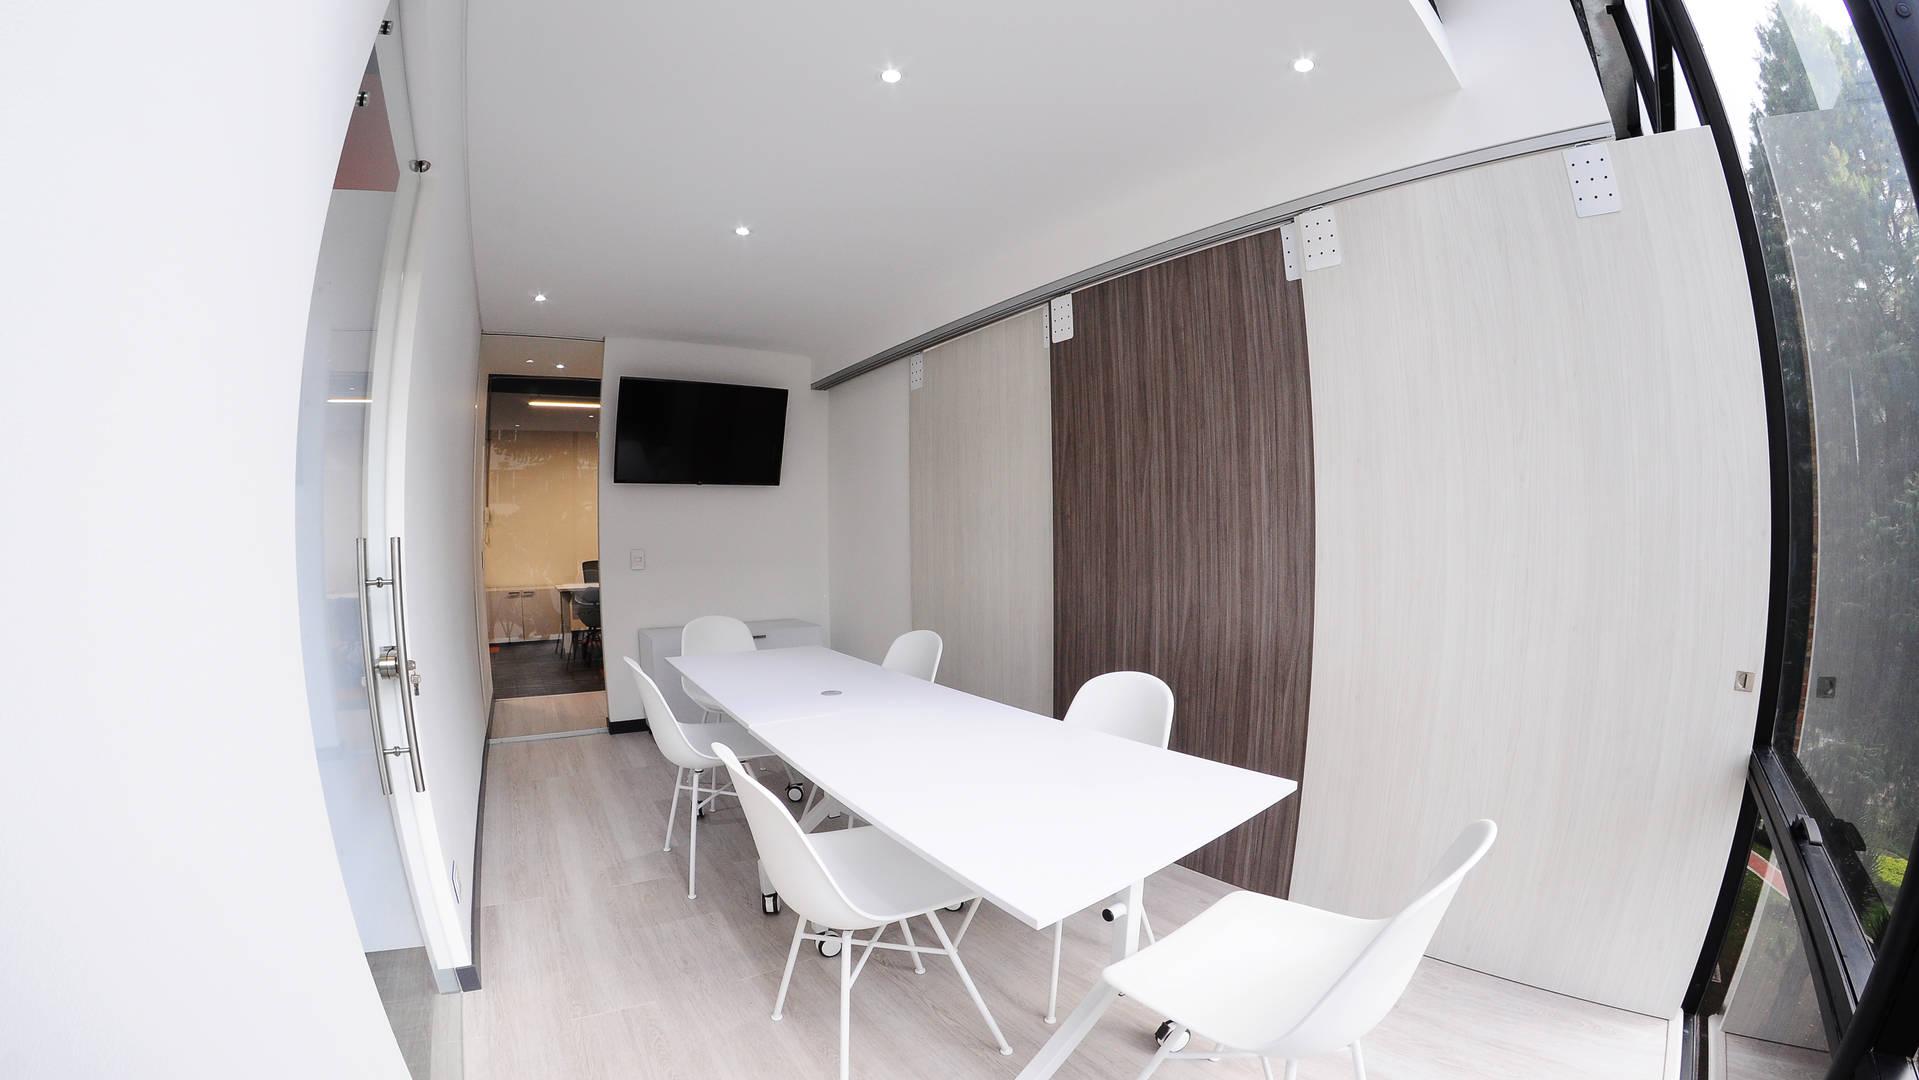 Sala de reuniones dinámica